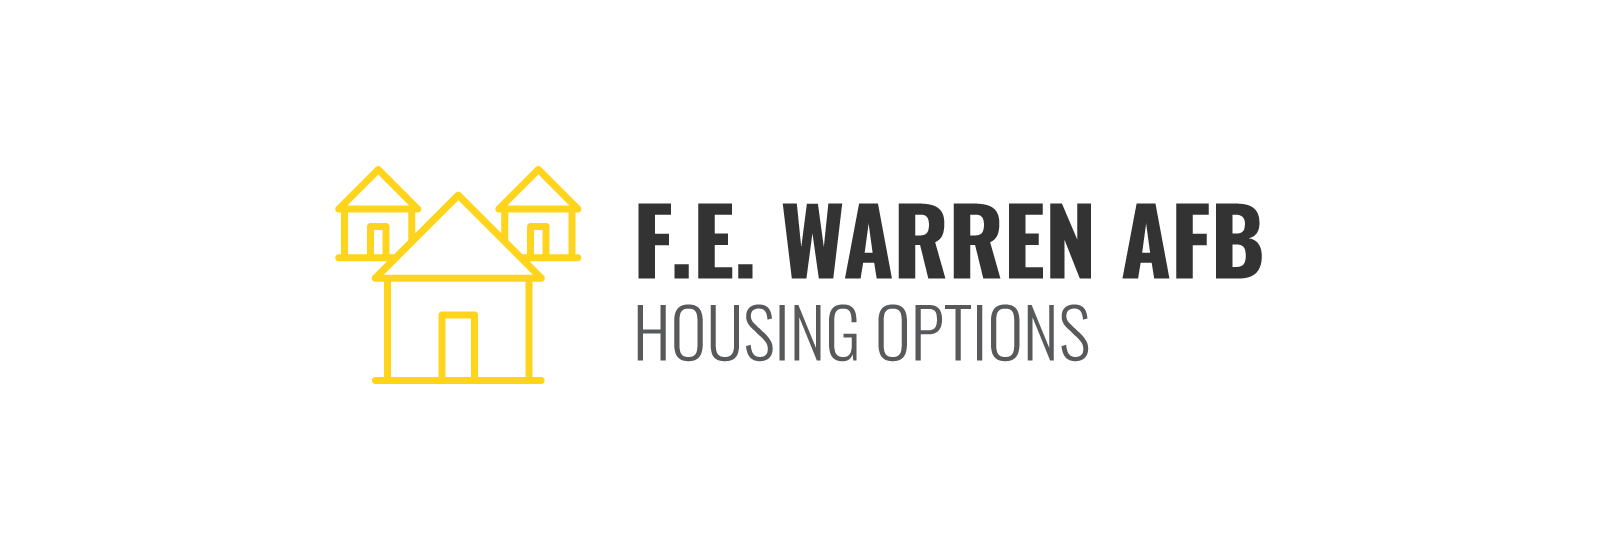 F.E. Warren AFB Housing Options